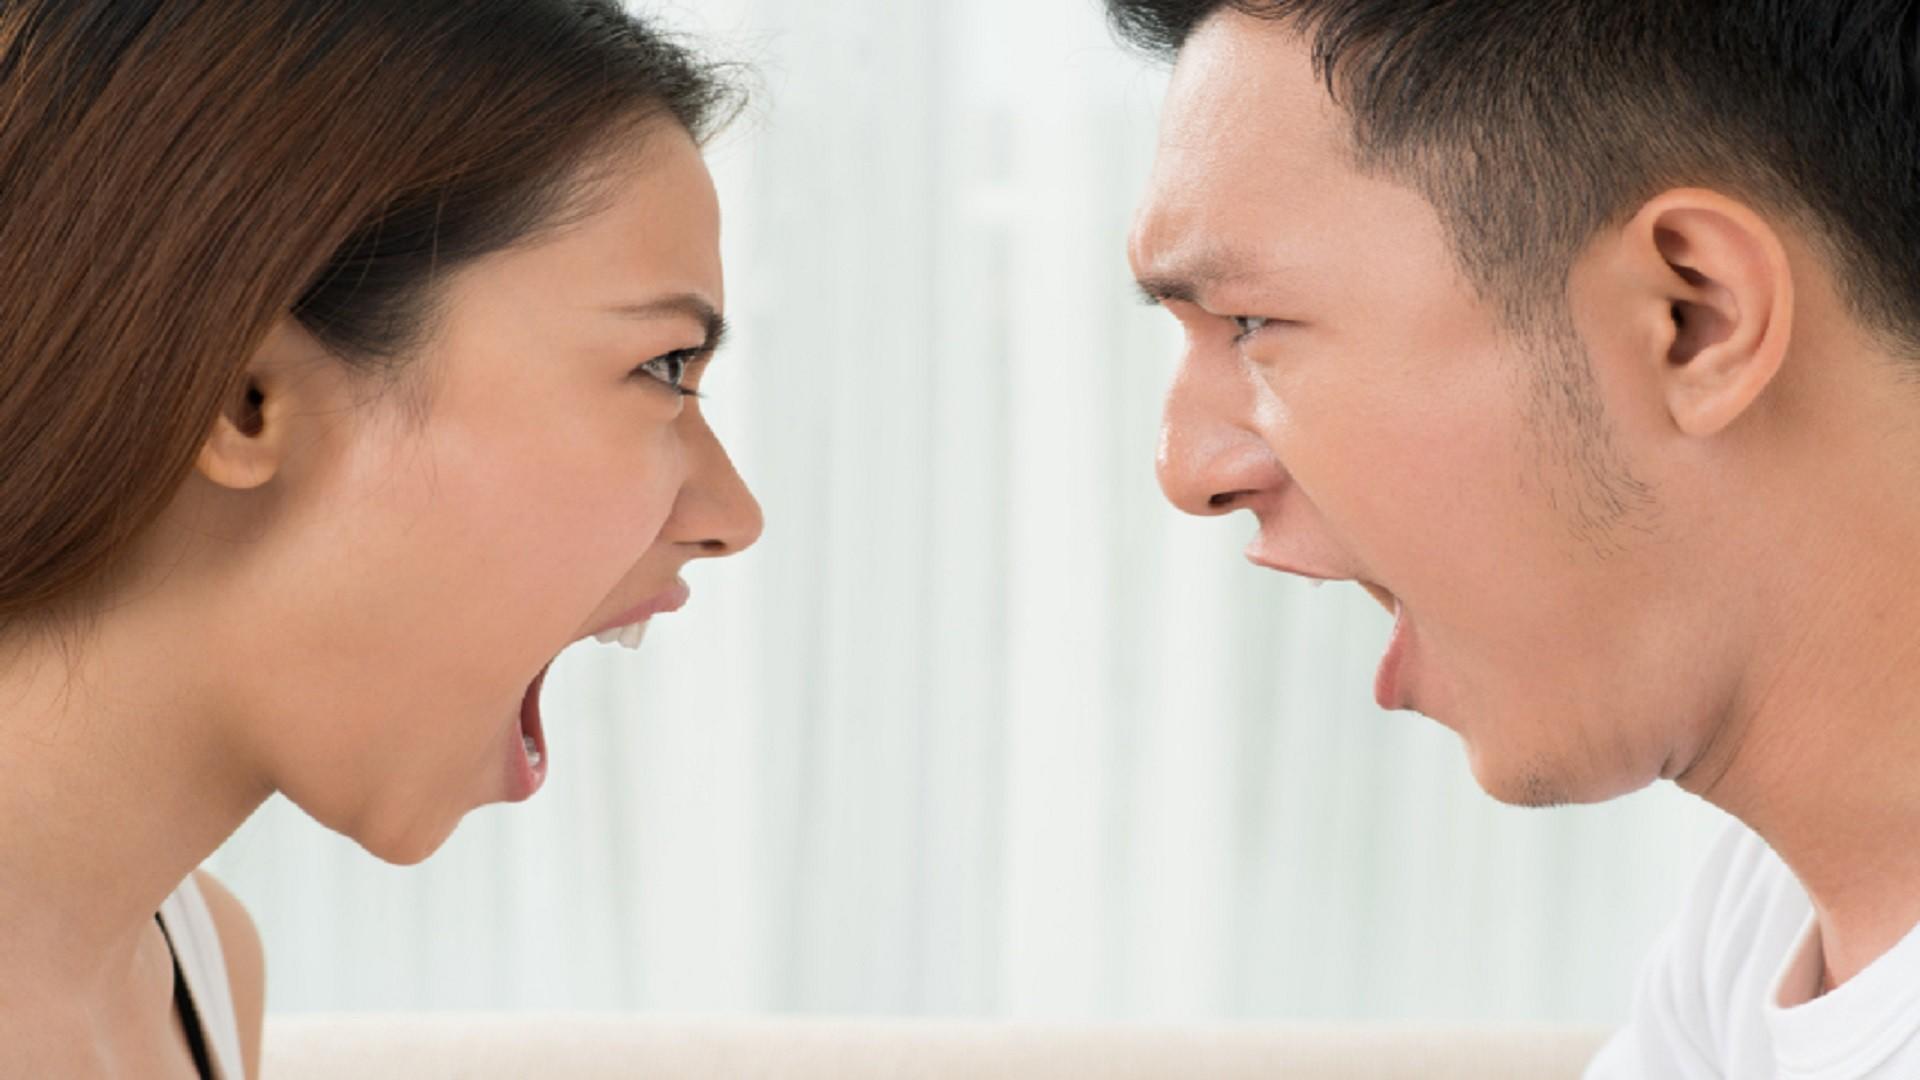 3 valkuilen waardoor jij en je partner jullie relatie om zeep helpen (en lees de tips van het stel Johan en Kate)